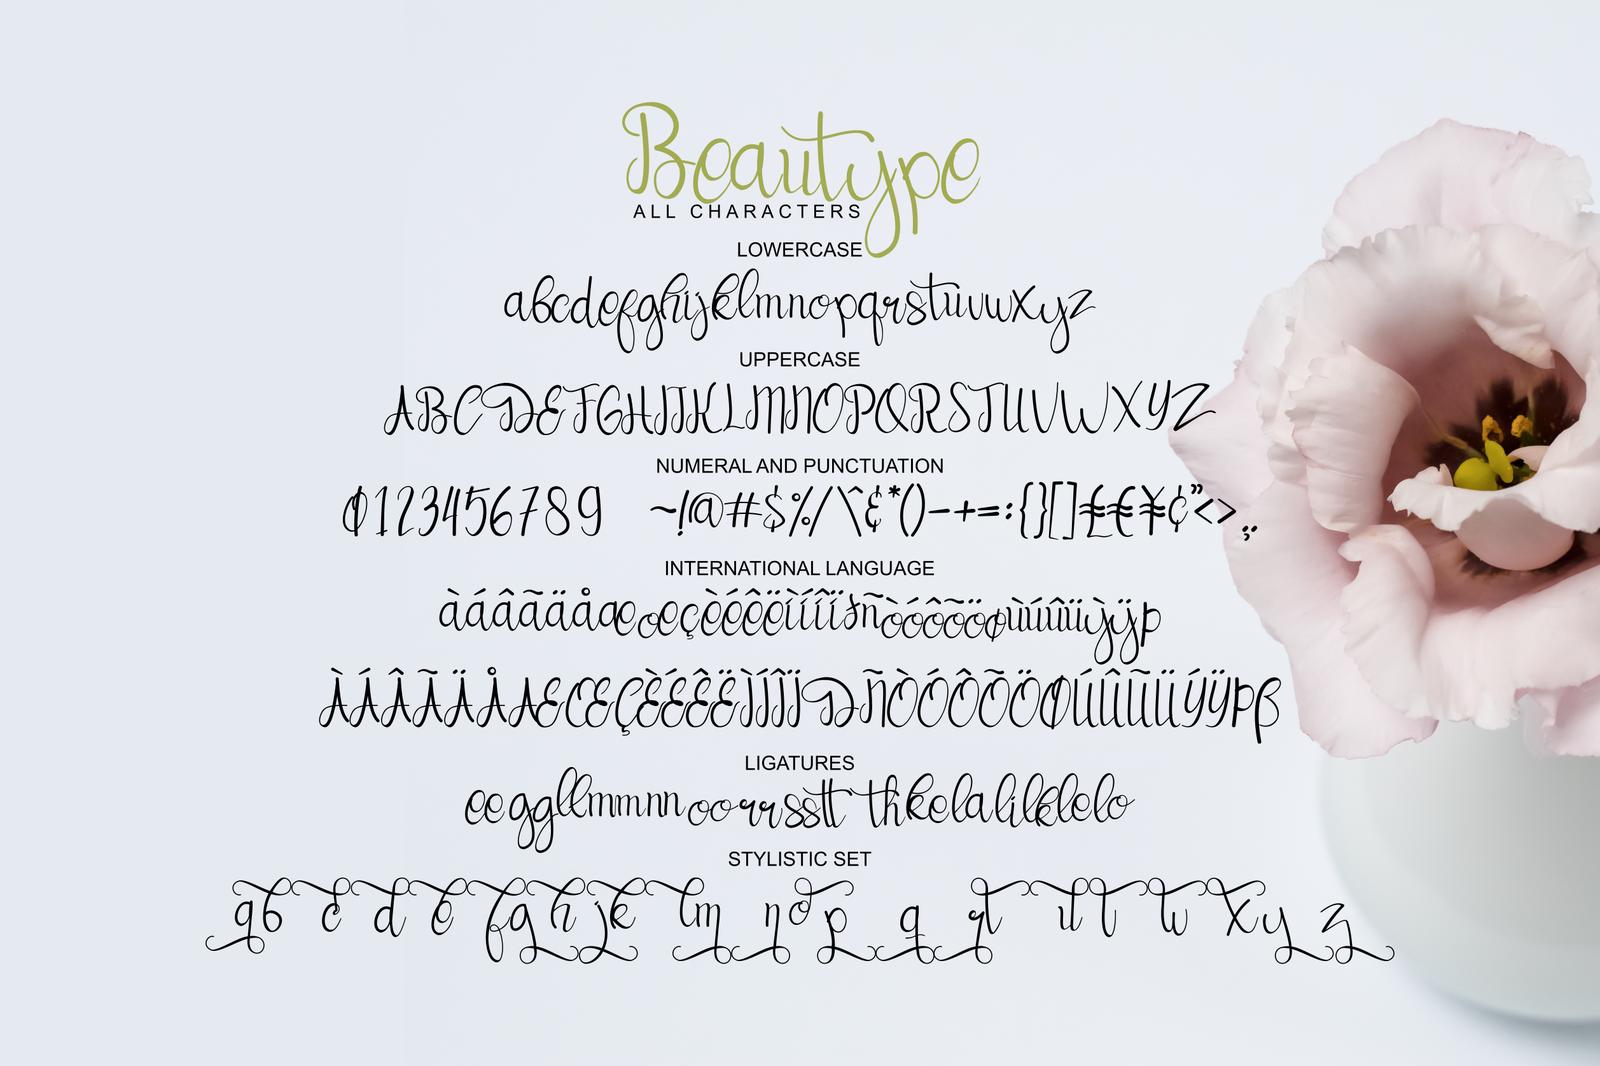 Beautype